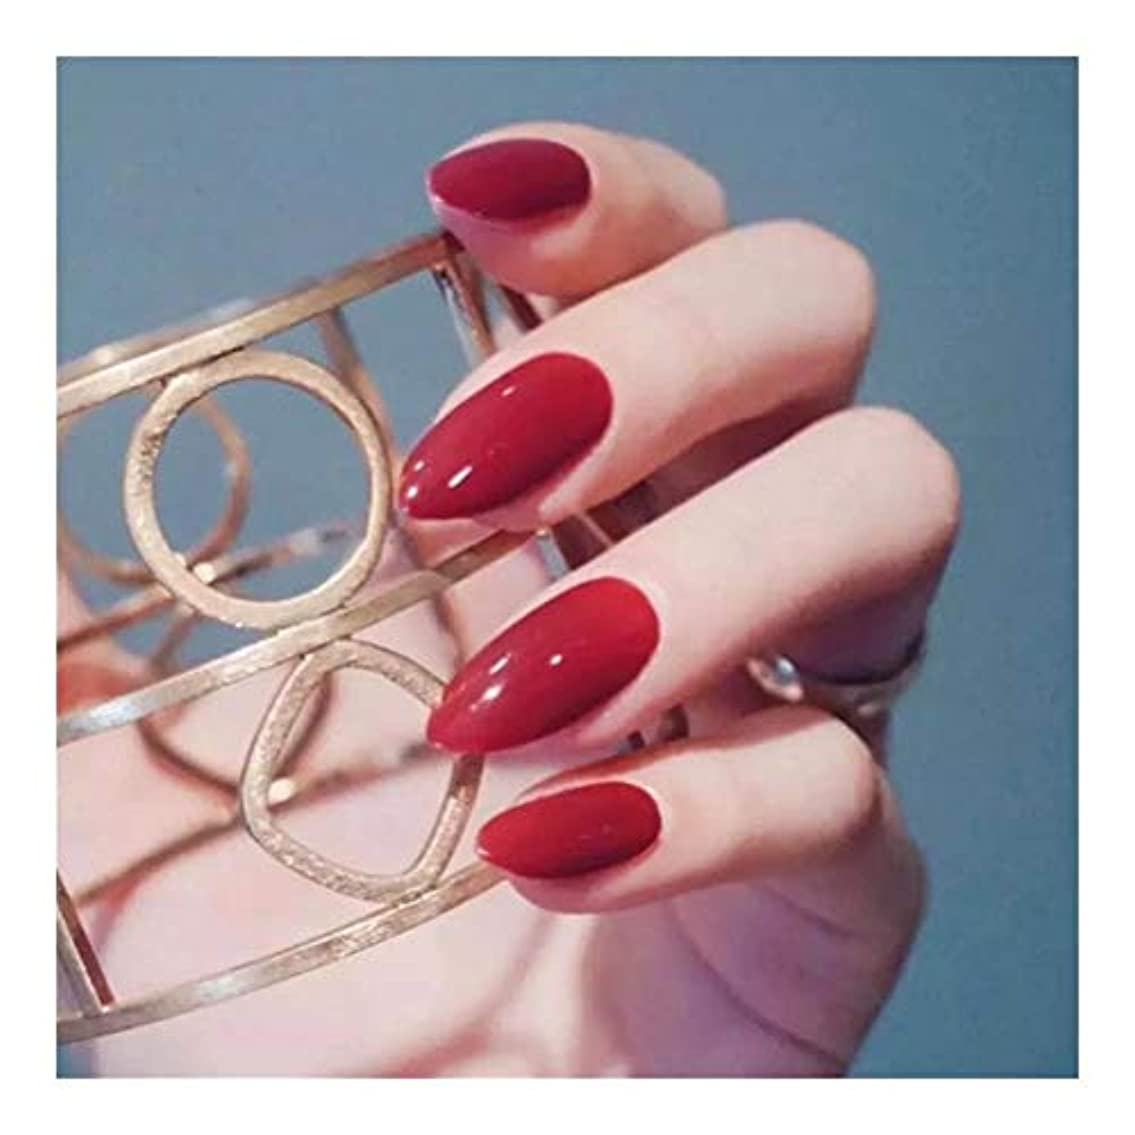 インクラダマキシムHOHYLLYA リムーバブル服ヒント長いセクション明るい赤ネイルネイルグルーフェイク釘完成 (色 : 24 pieces)